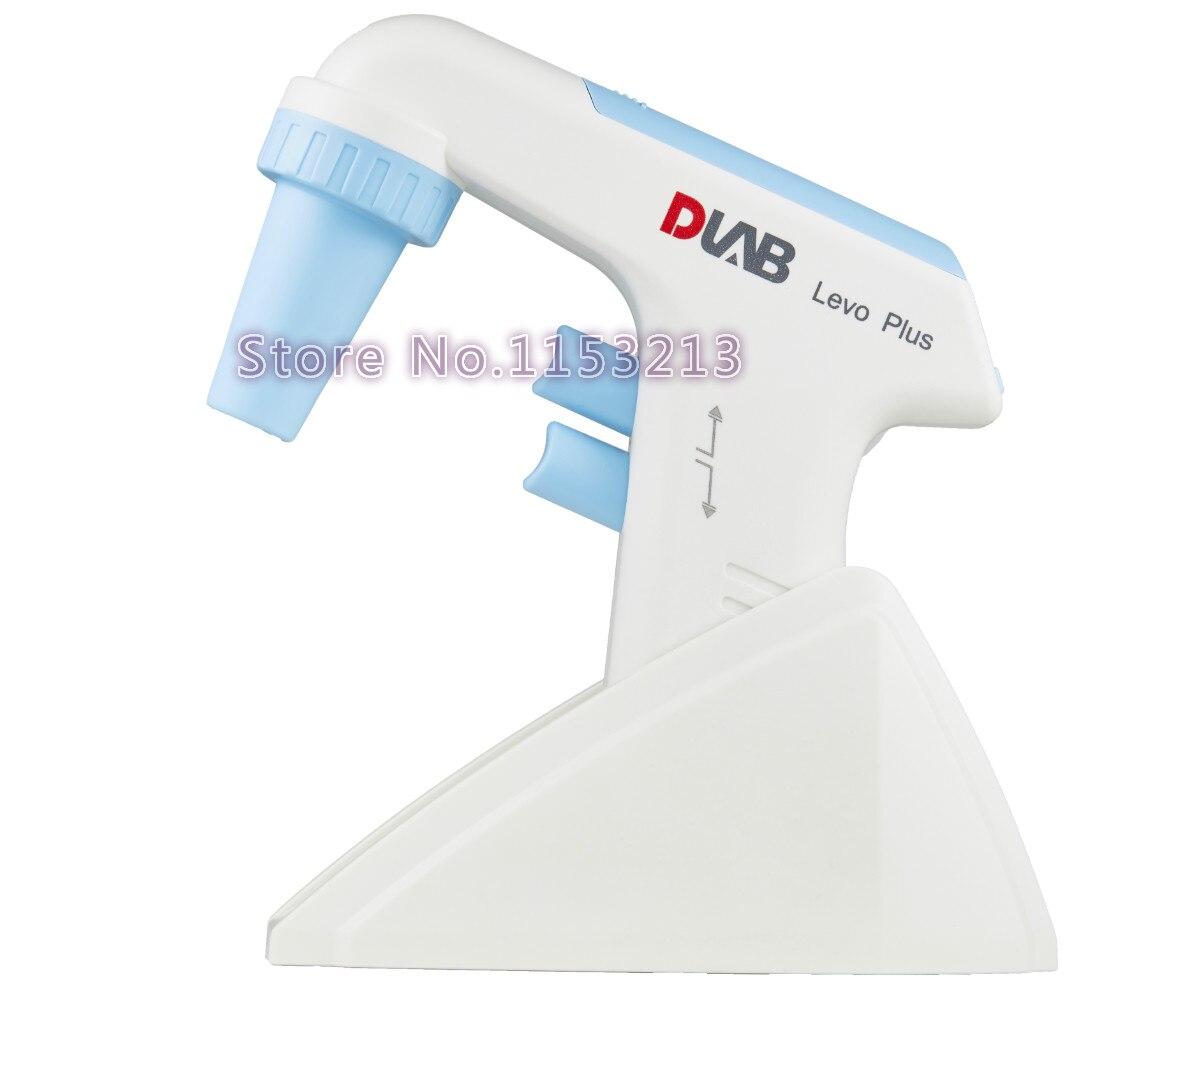 DLab Levo Plus pipeta relleno 0,1-100 ml Dragon lab gran capacidad electrónica pipeta bomba controlador de pipeta con CA adaptador